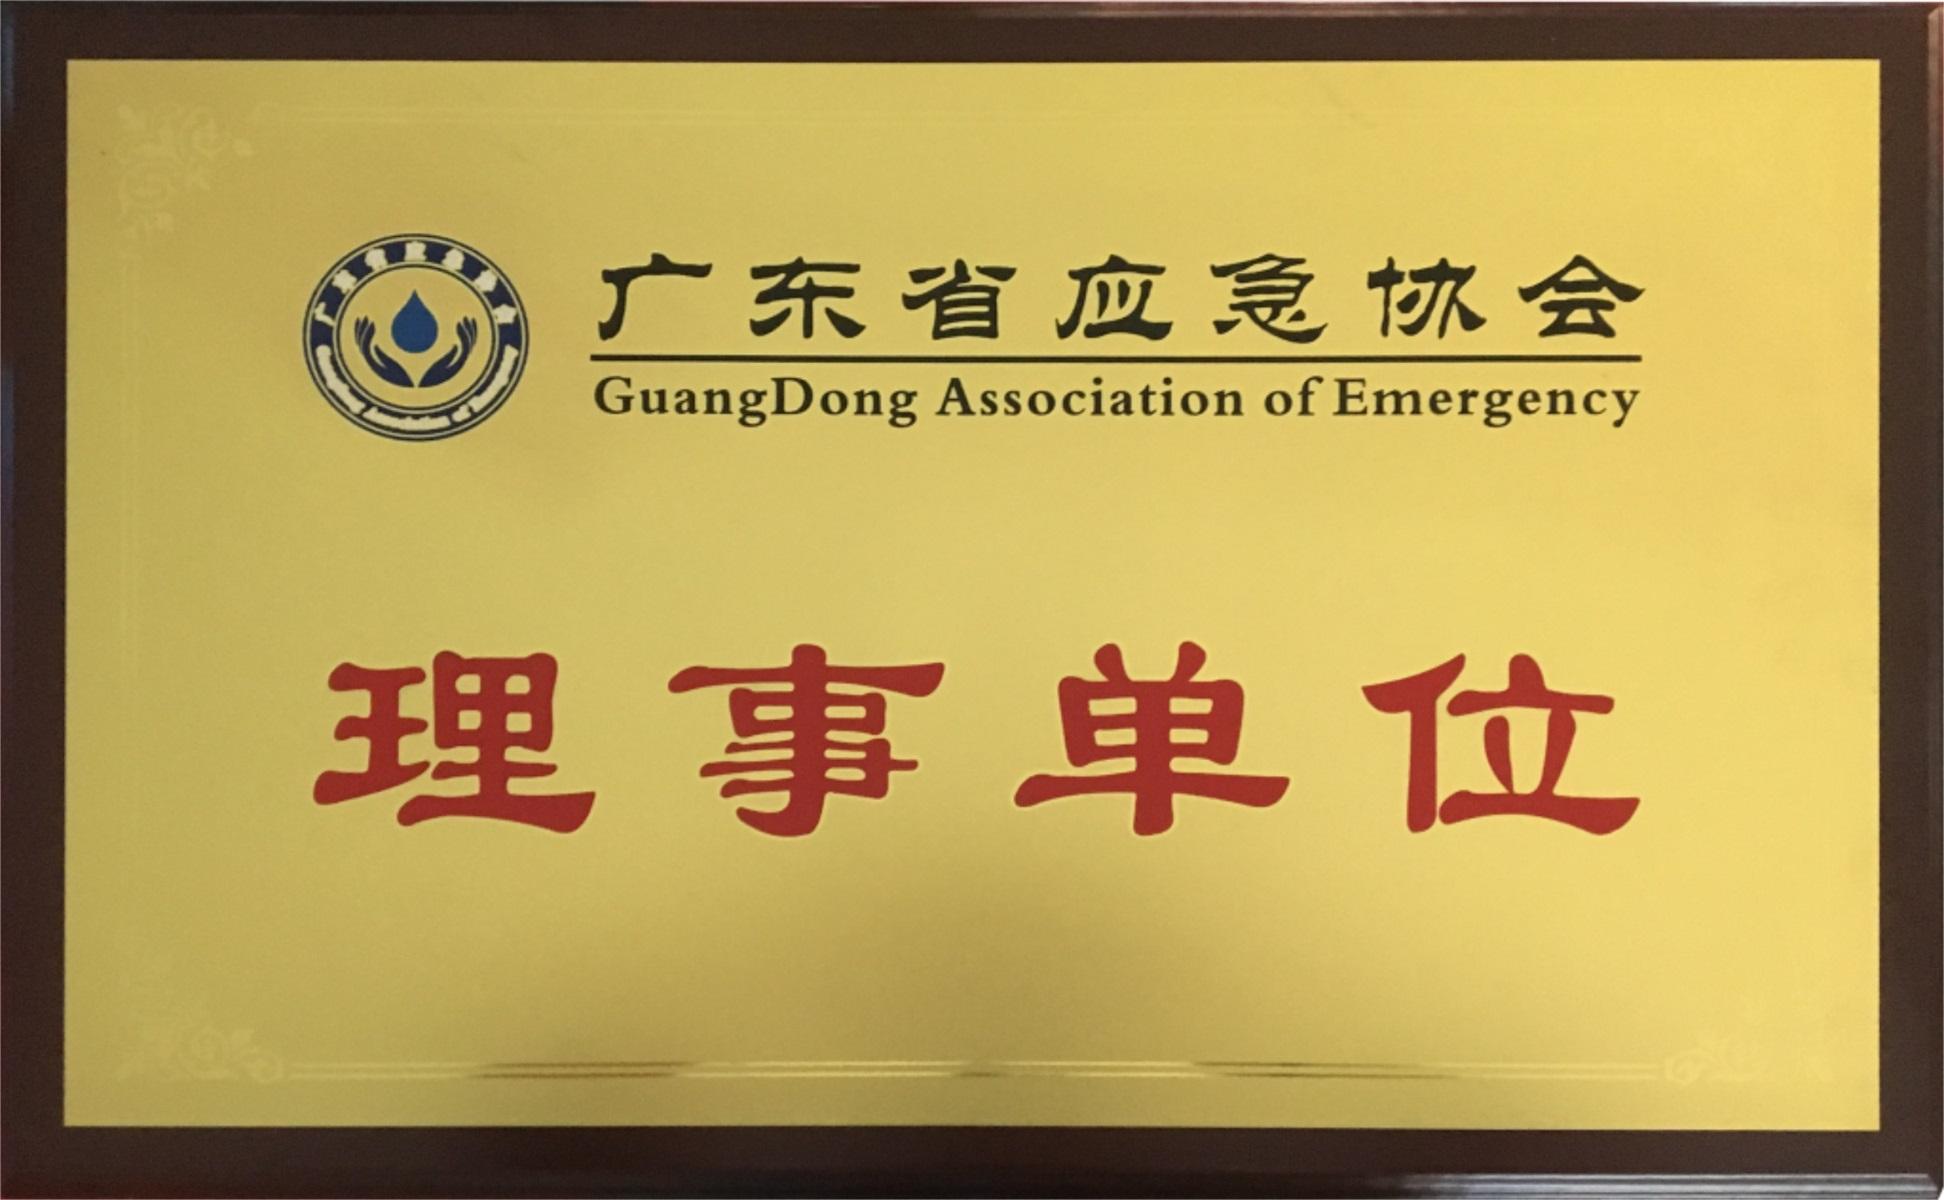 广东省应急协会-理事单位-2019年9月18日